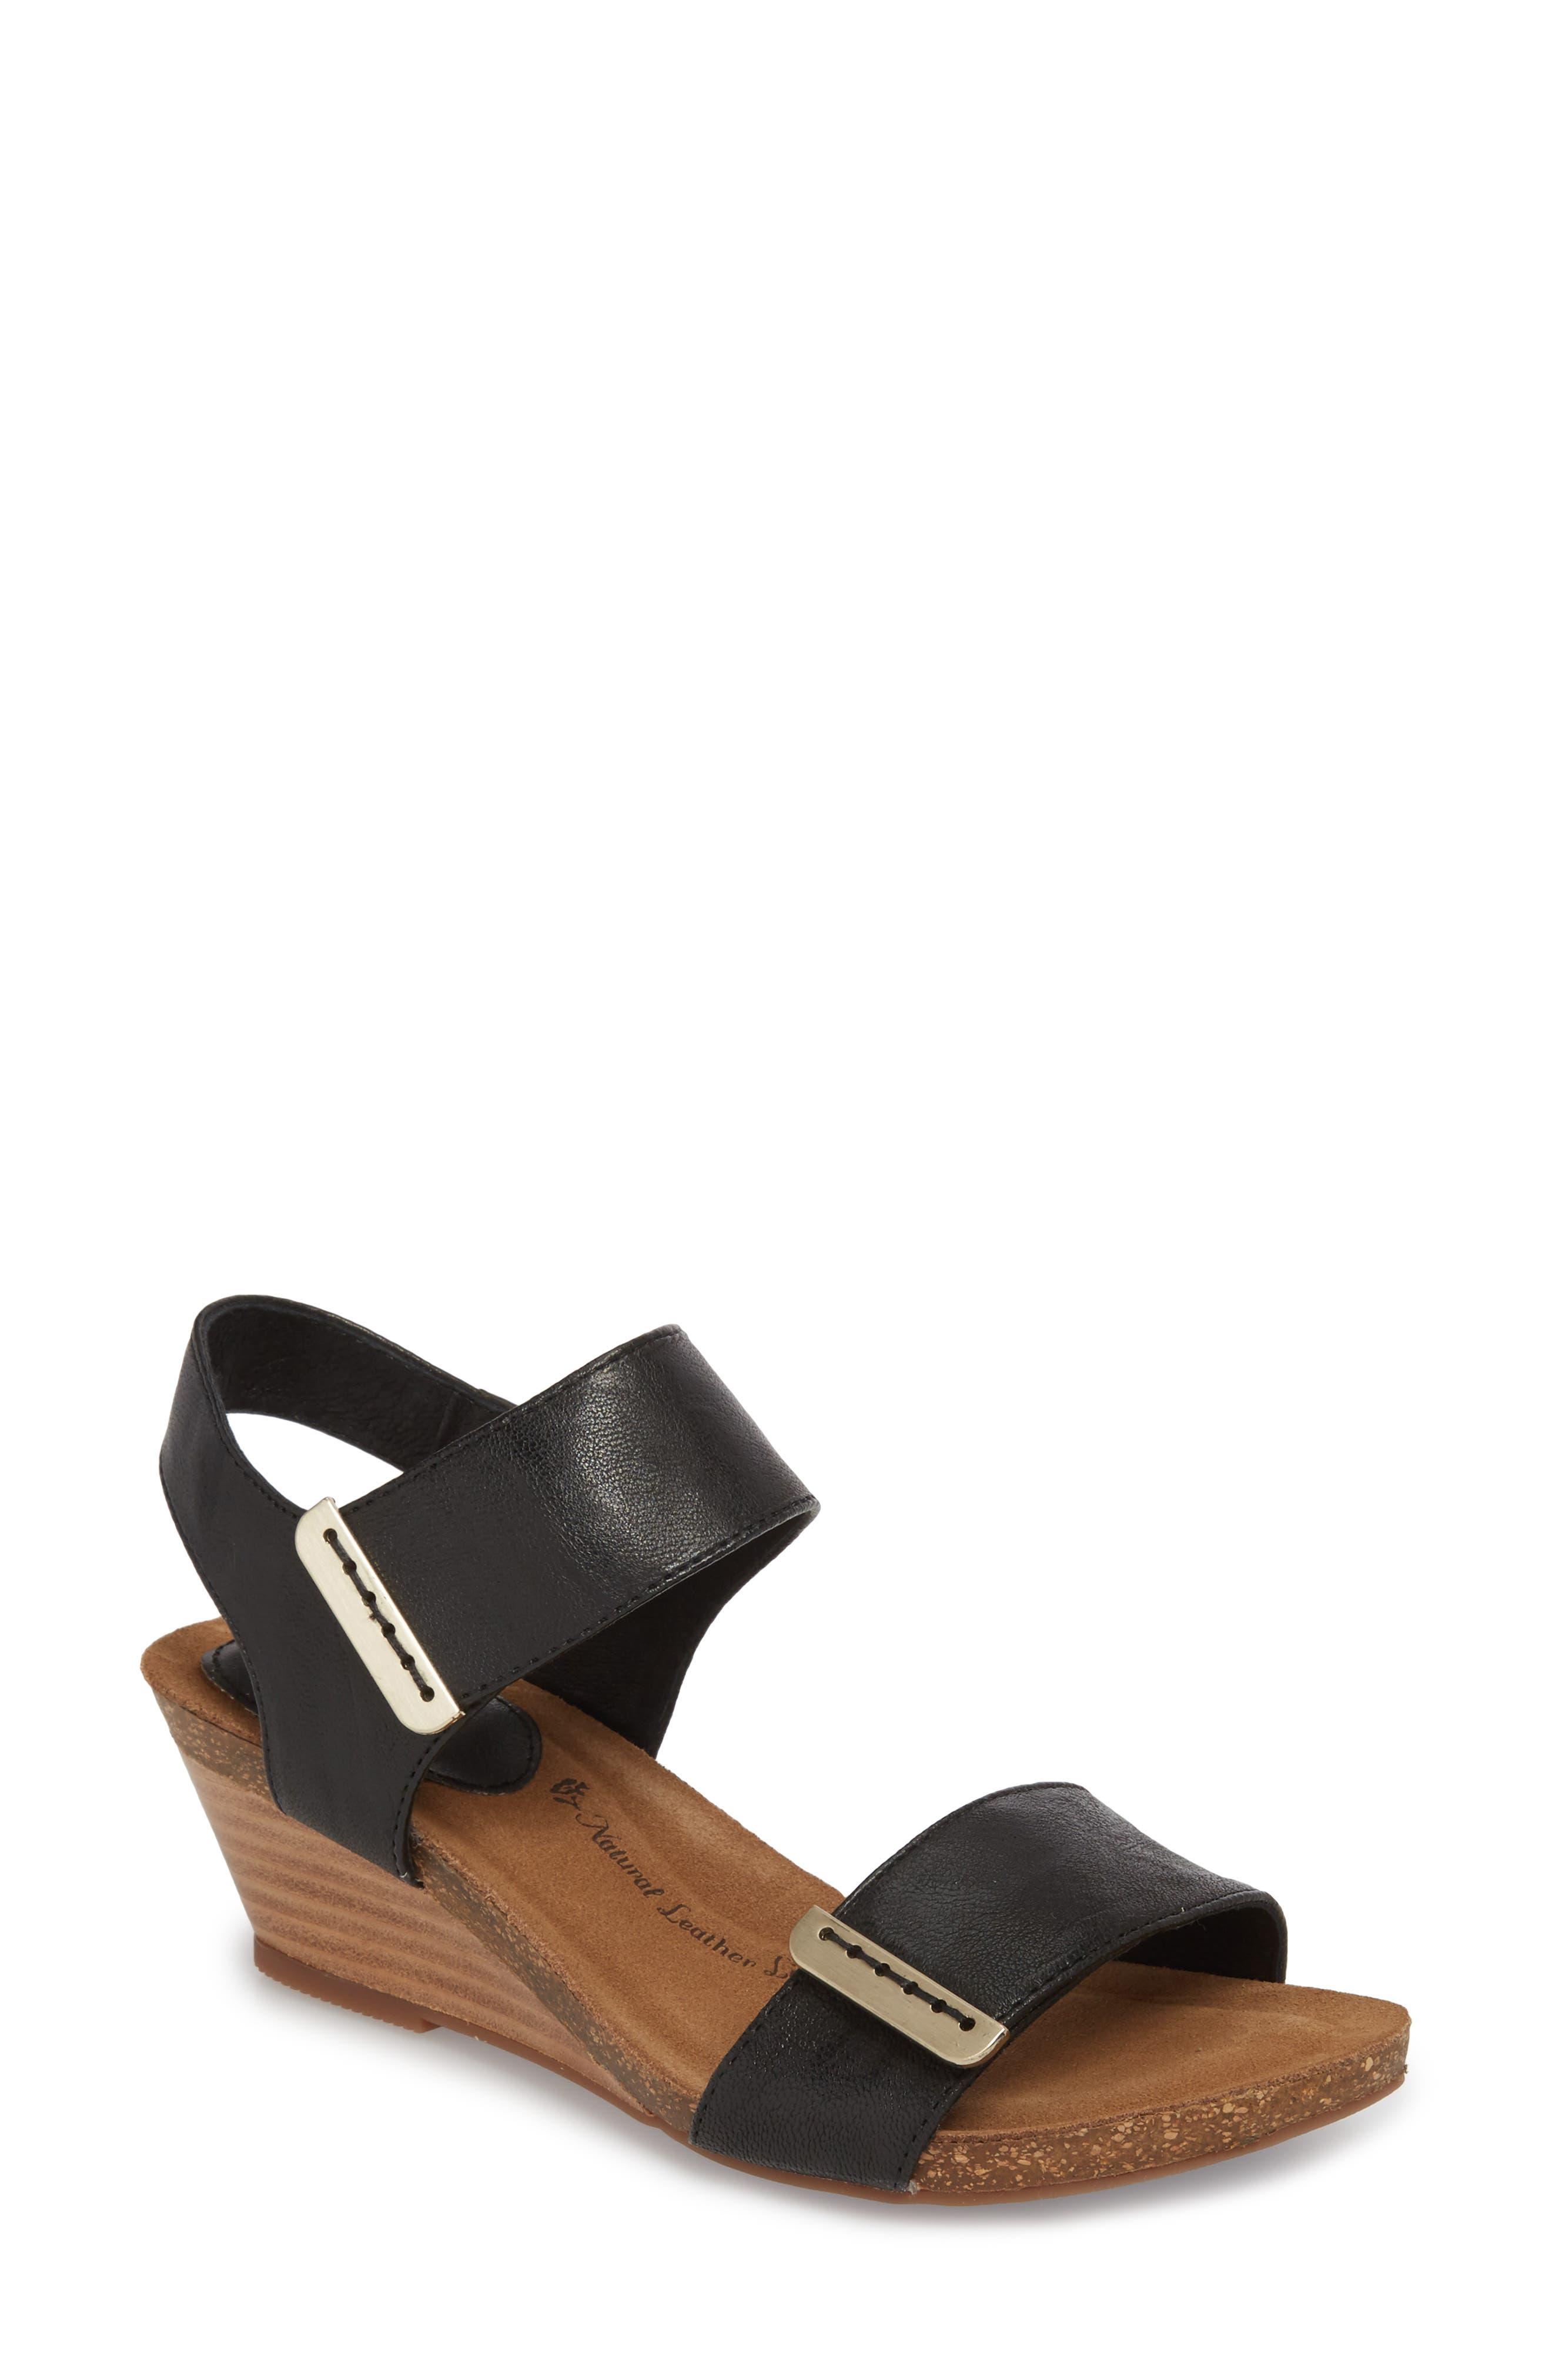 Verdi Wedge Sandal,                             Main thumbnail 1, color,                             Black Leather